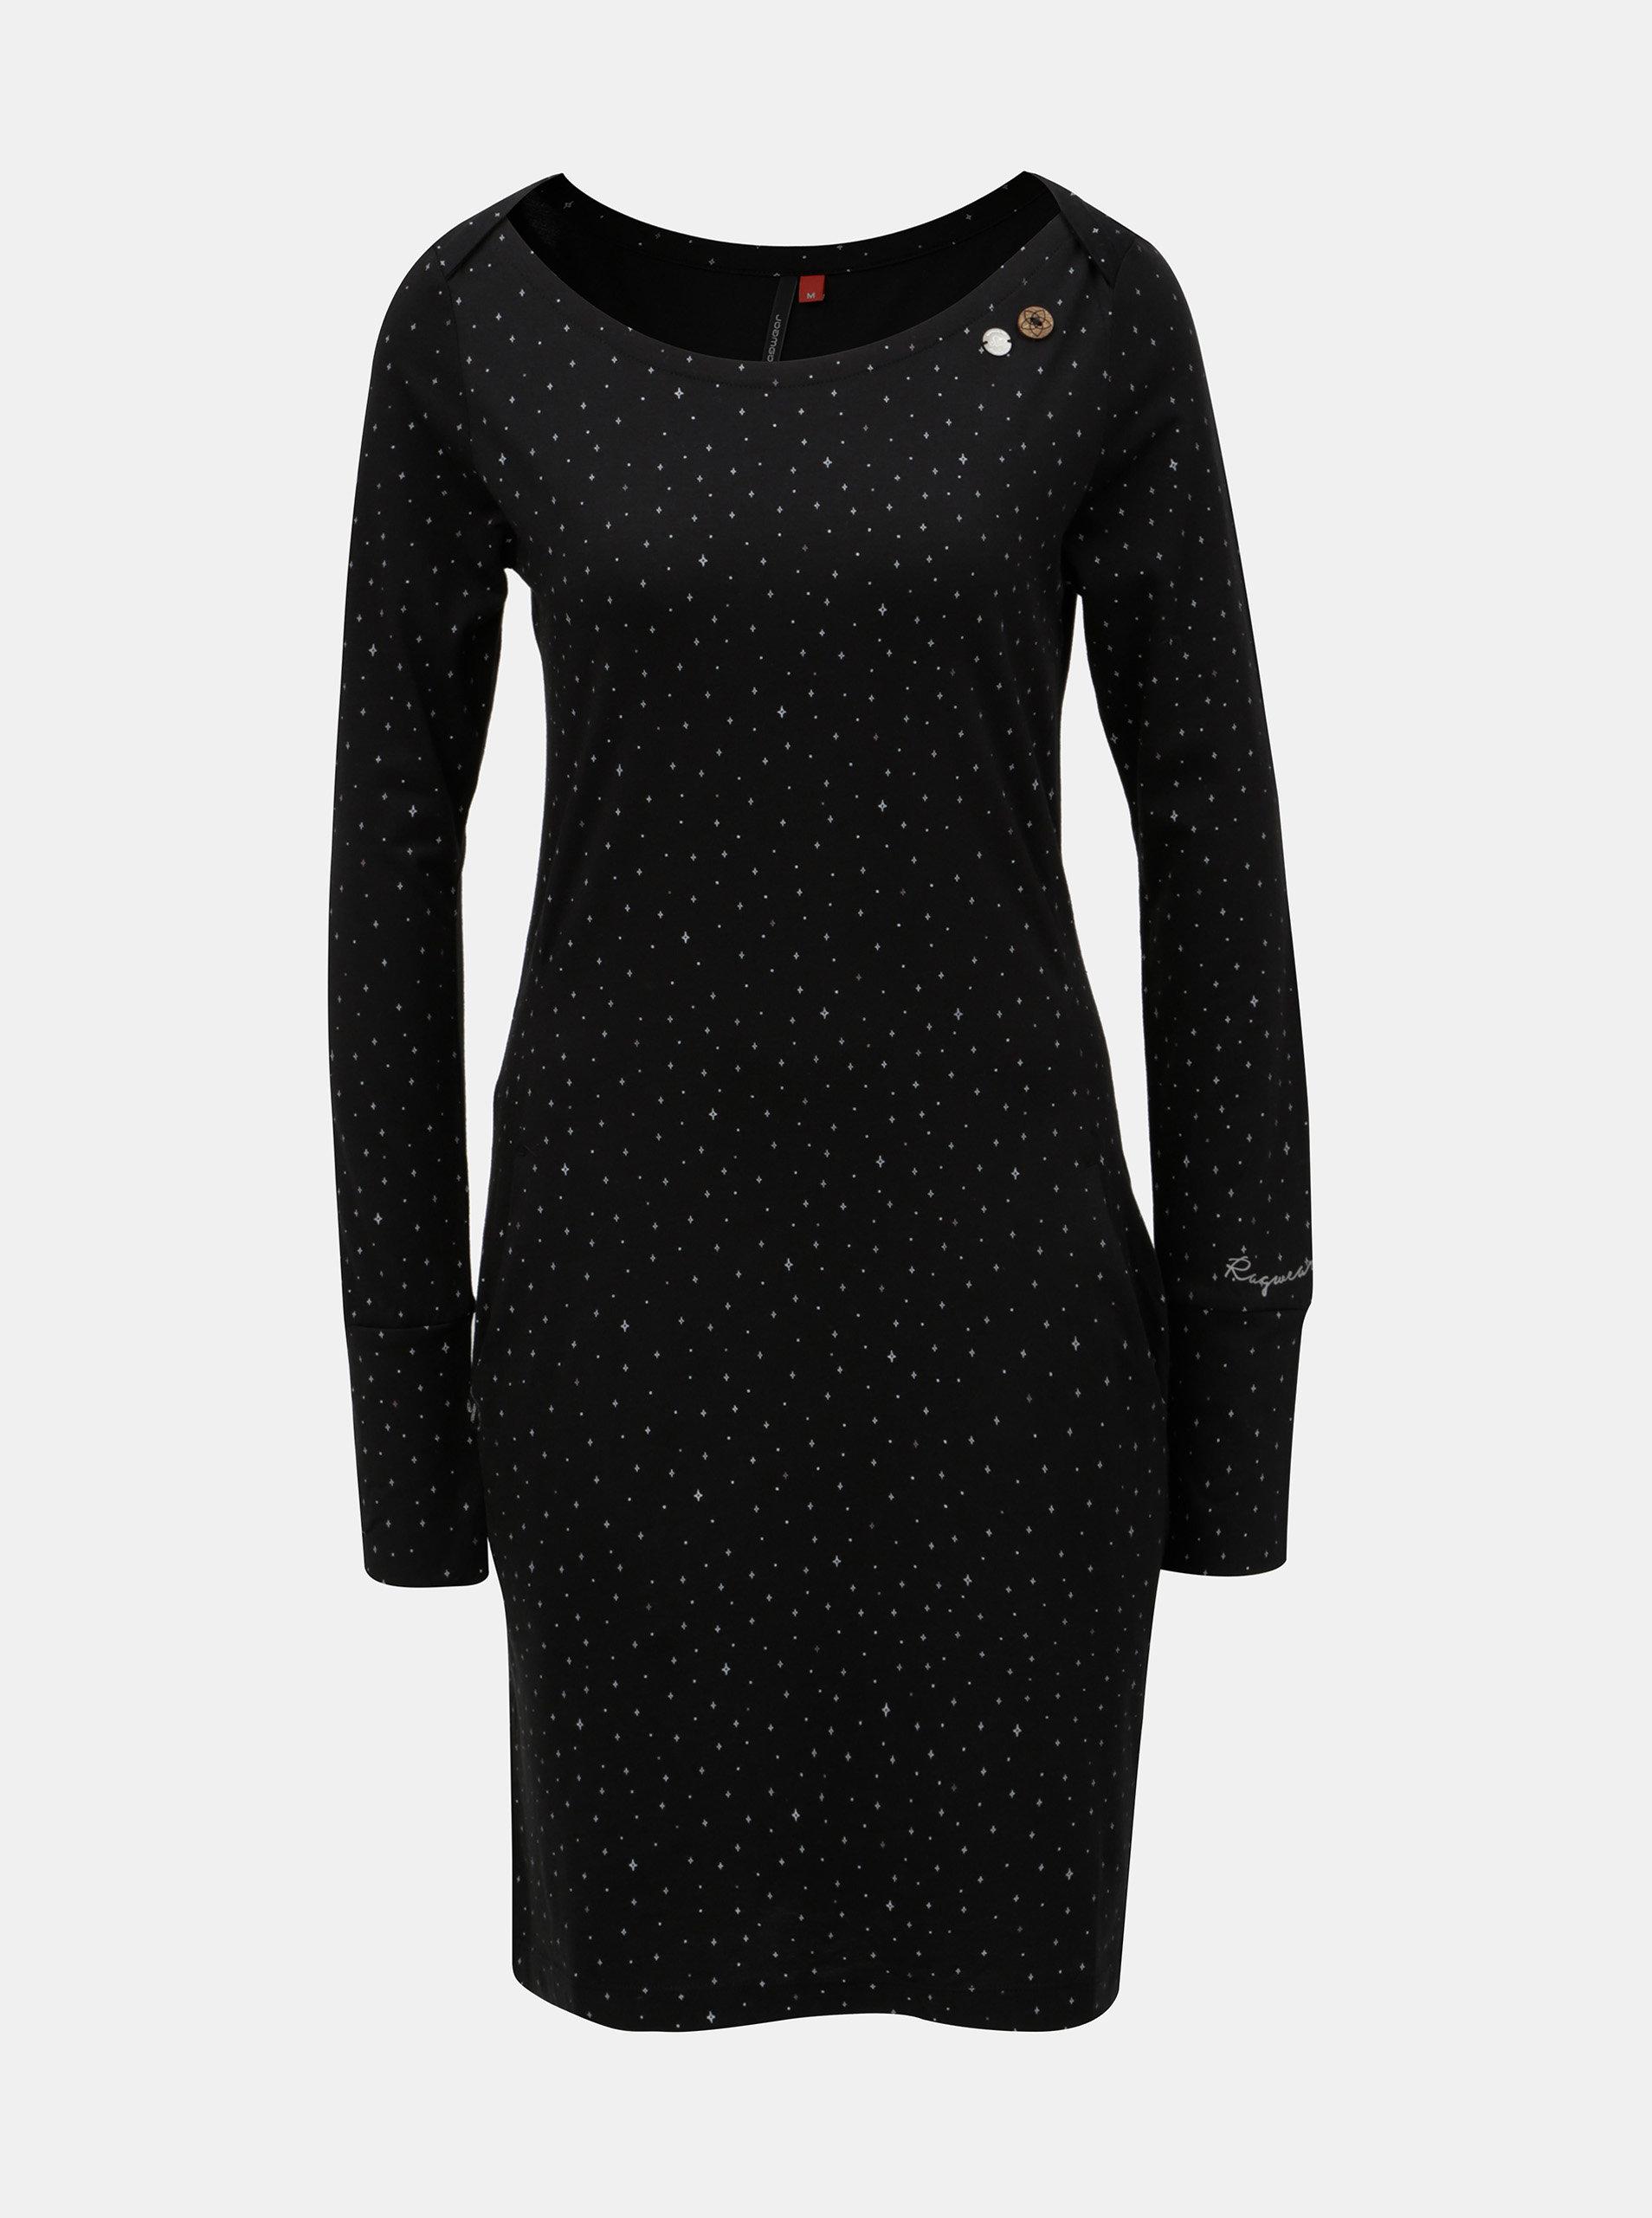 2f2fef4a8f56 Tmavomodré vzorované šaty s vreckami Ragwear River ...